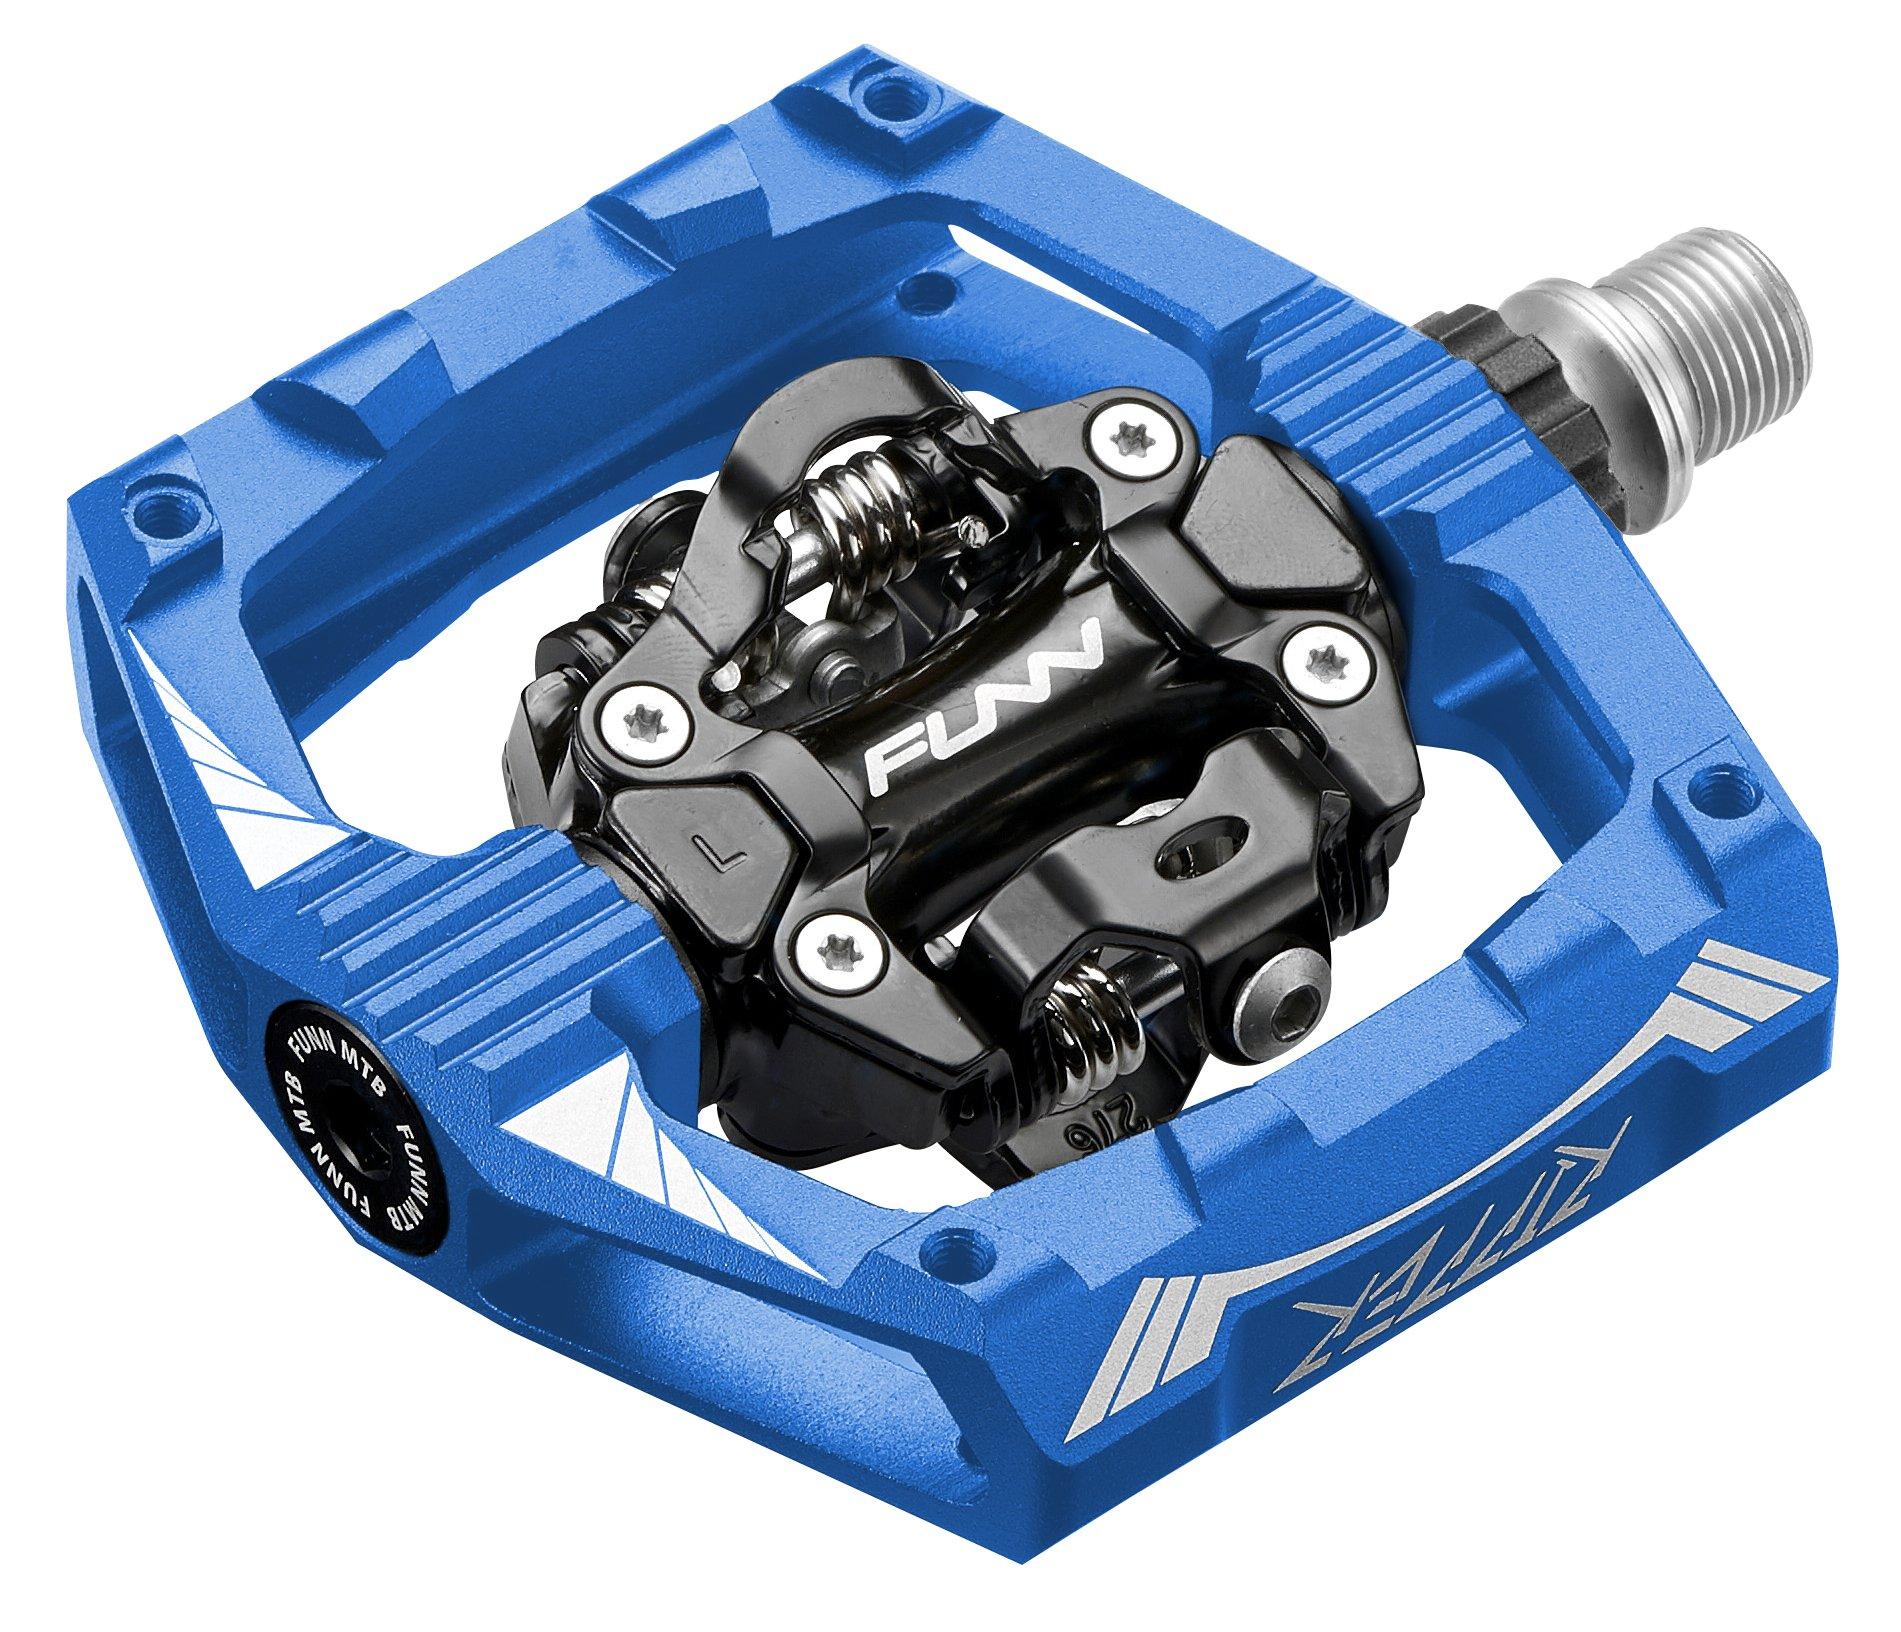 Funn Ripper Clipless Pedal Set, Rocker Clip Mechanism, SPD Compatible (Blue)